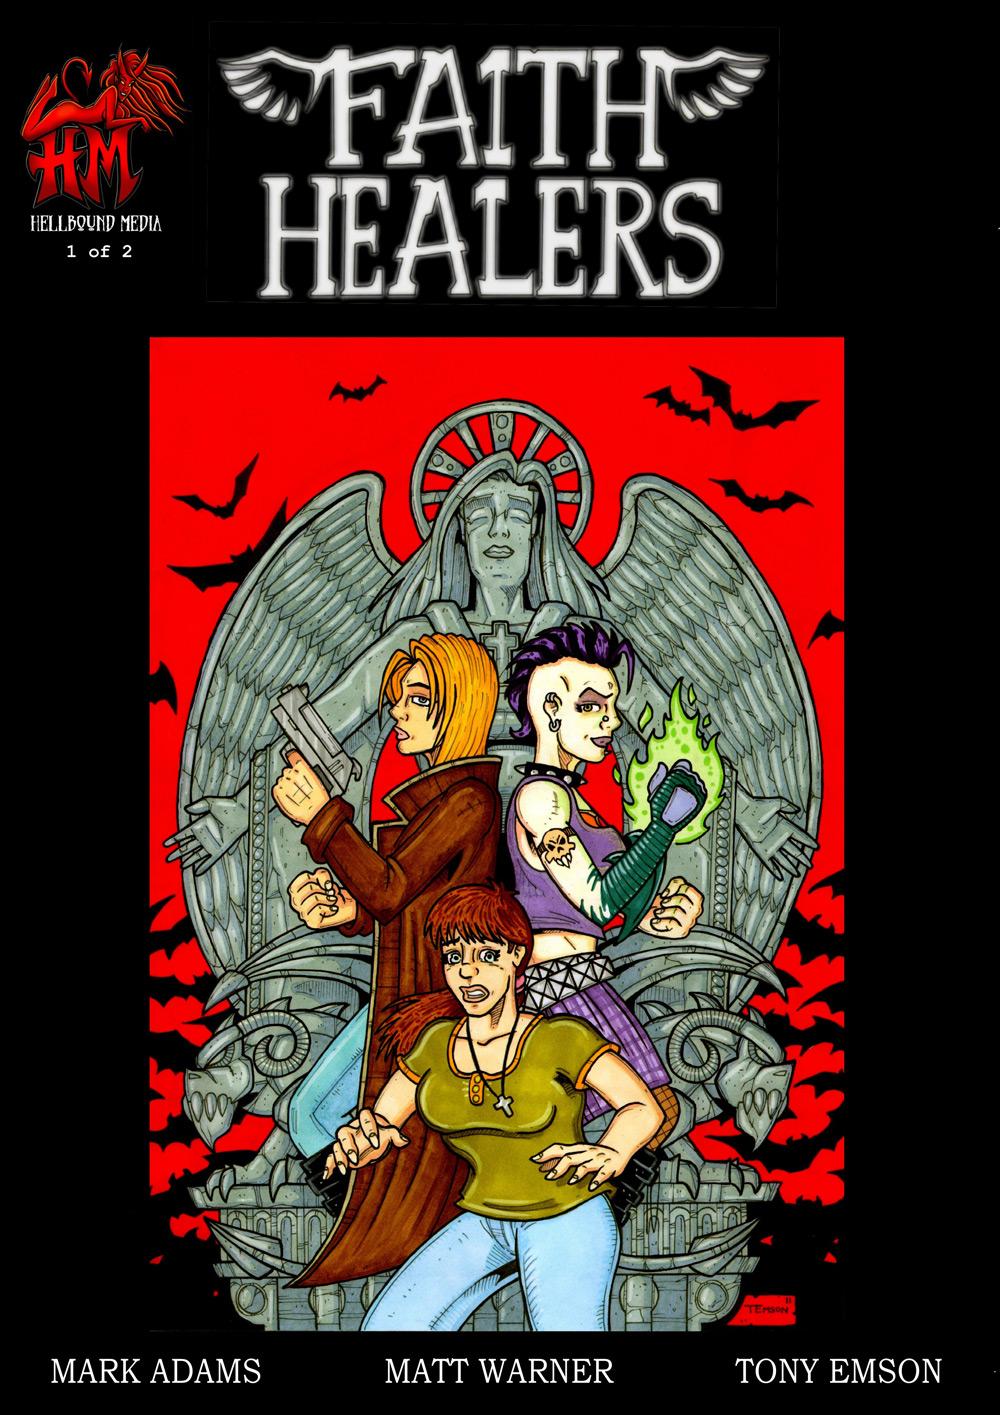 Faith Healers - part 1 cover art